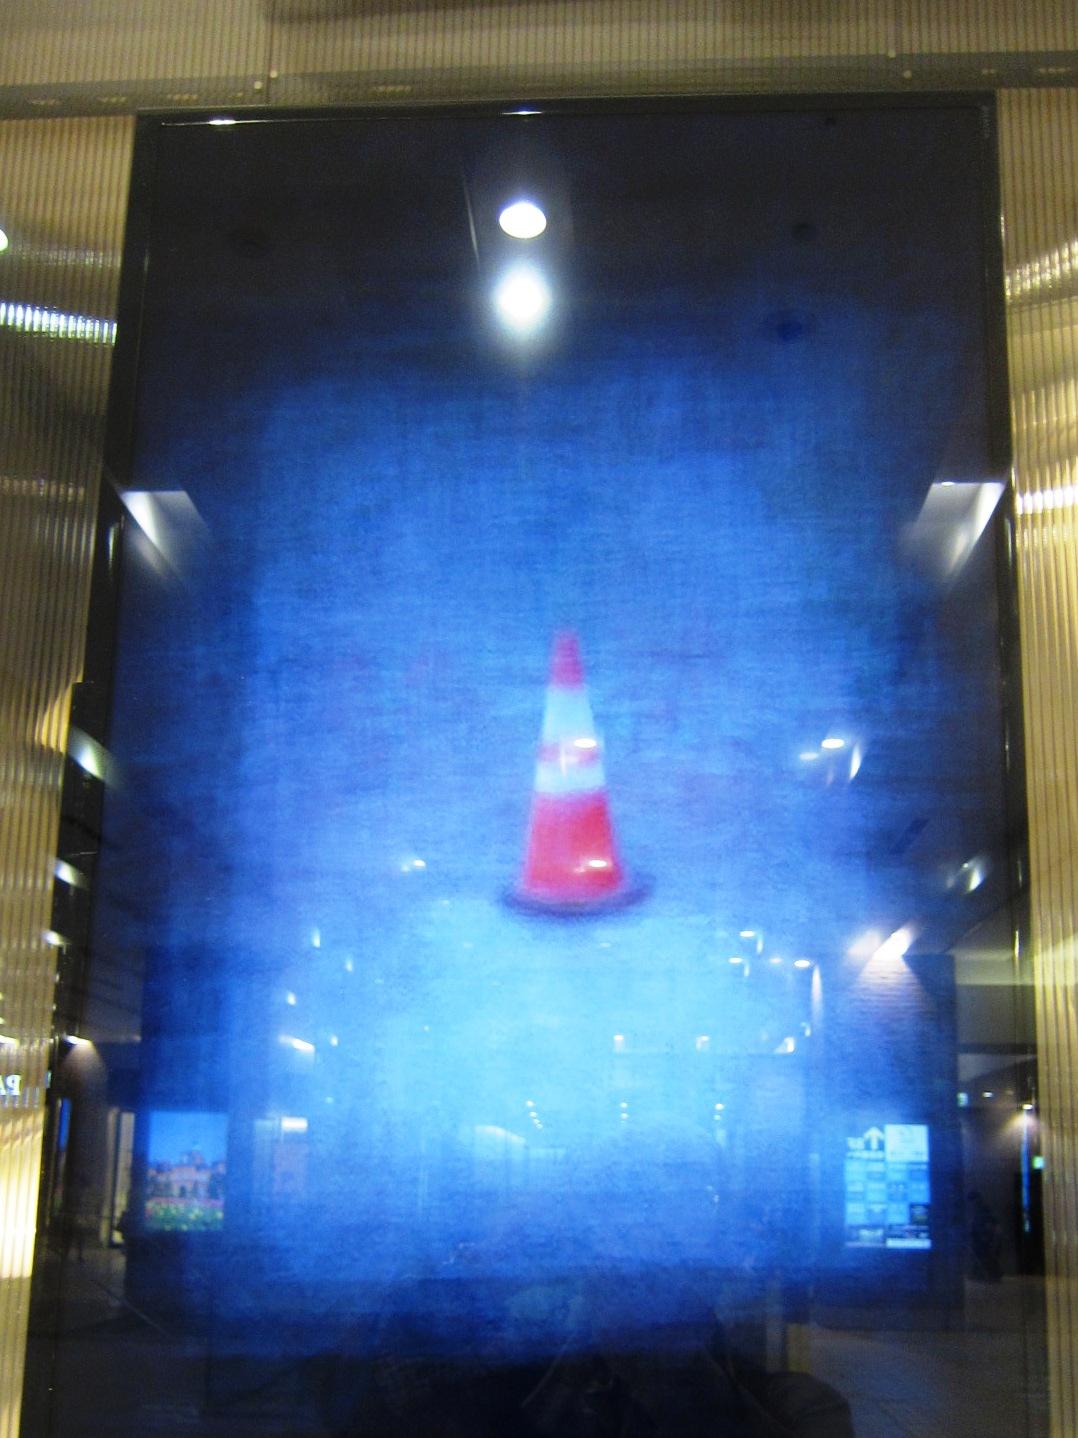 2509)「北芳樹(美術家) [Around the Roadcones] 」JRタワーARTBOX 3月5日(土)~5月31日(月)_f0126829_1027541.jpg